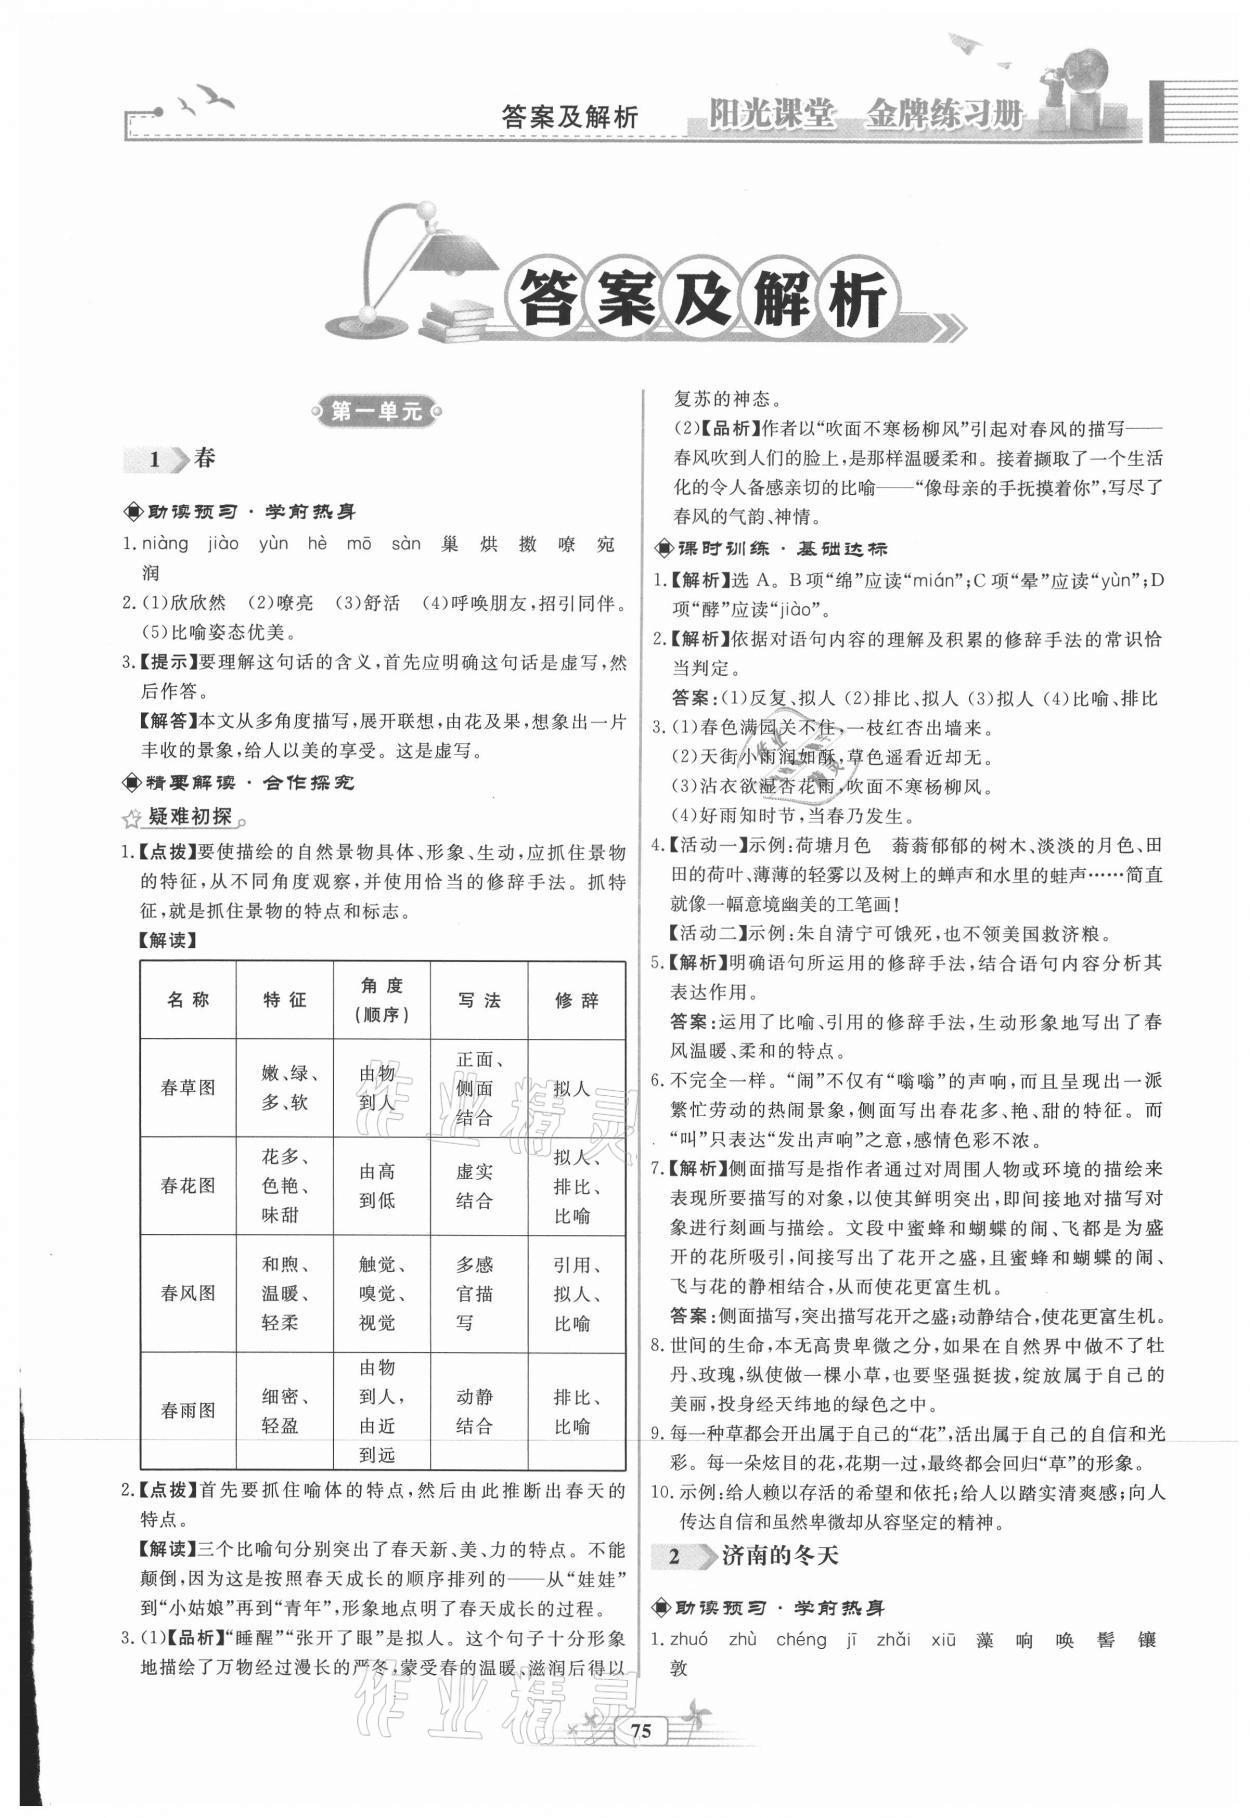 2021年阳光课堂金牌练习册七年级语文上册人教版福建专版第1页